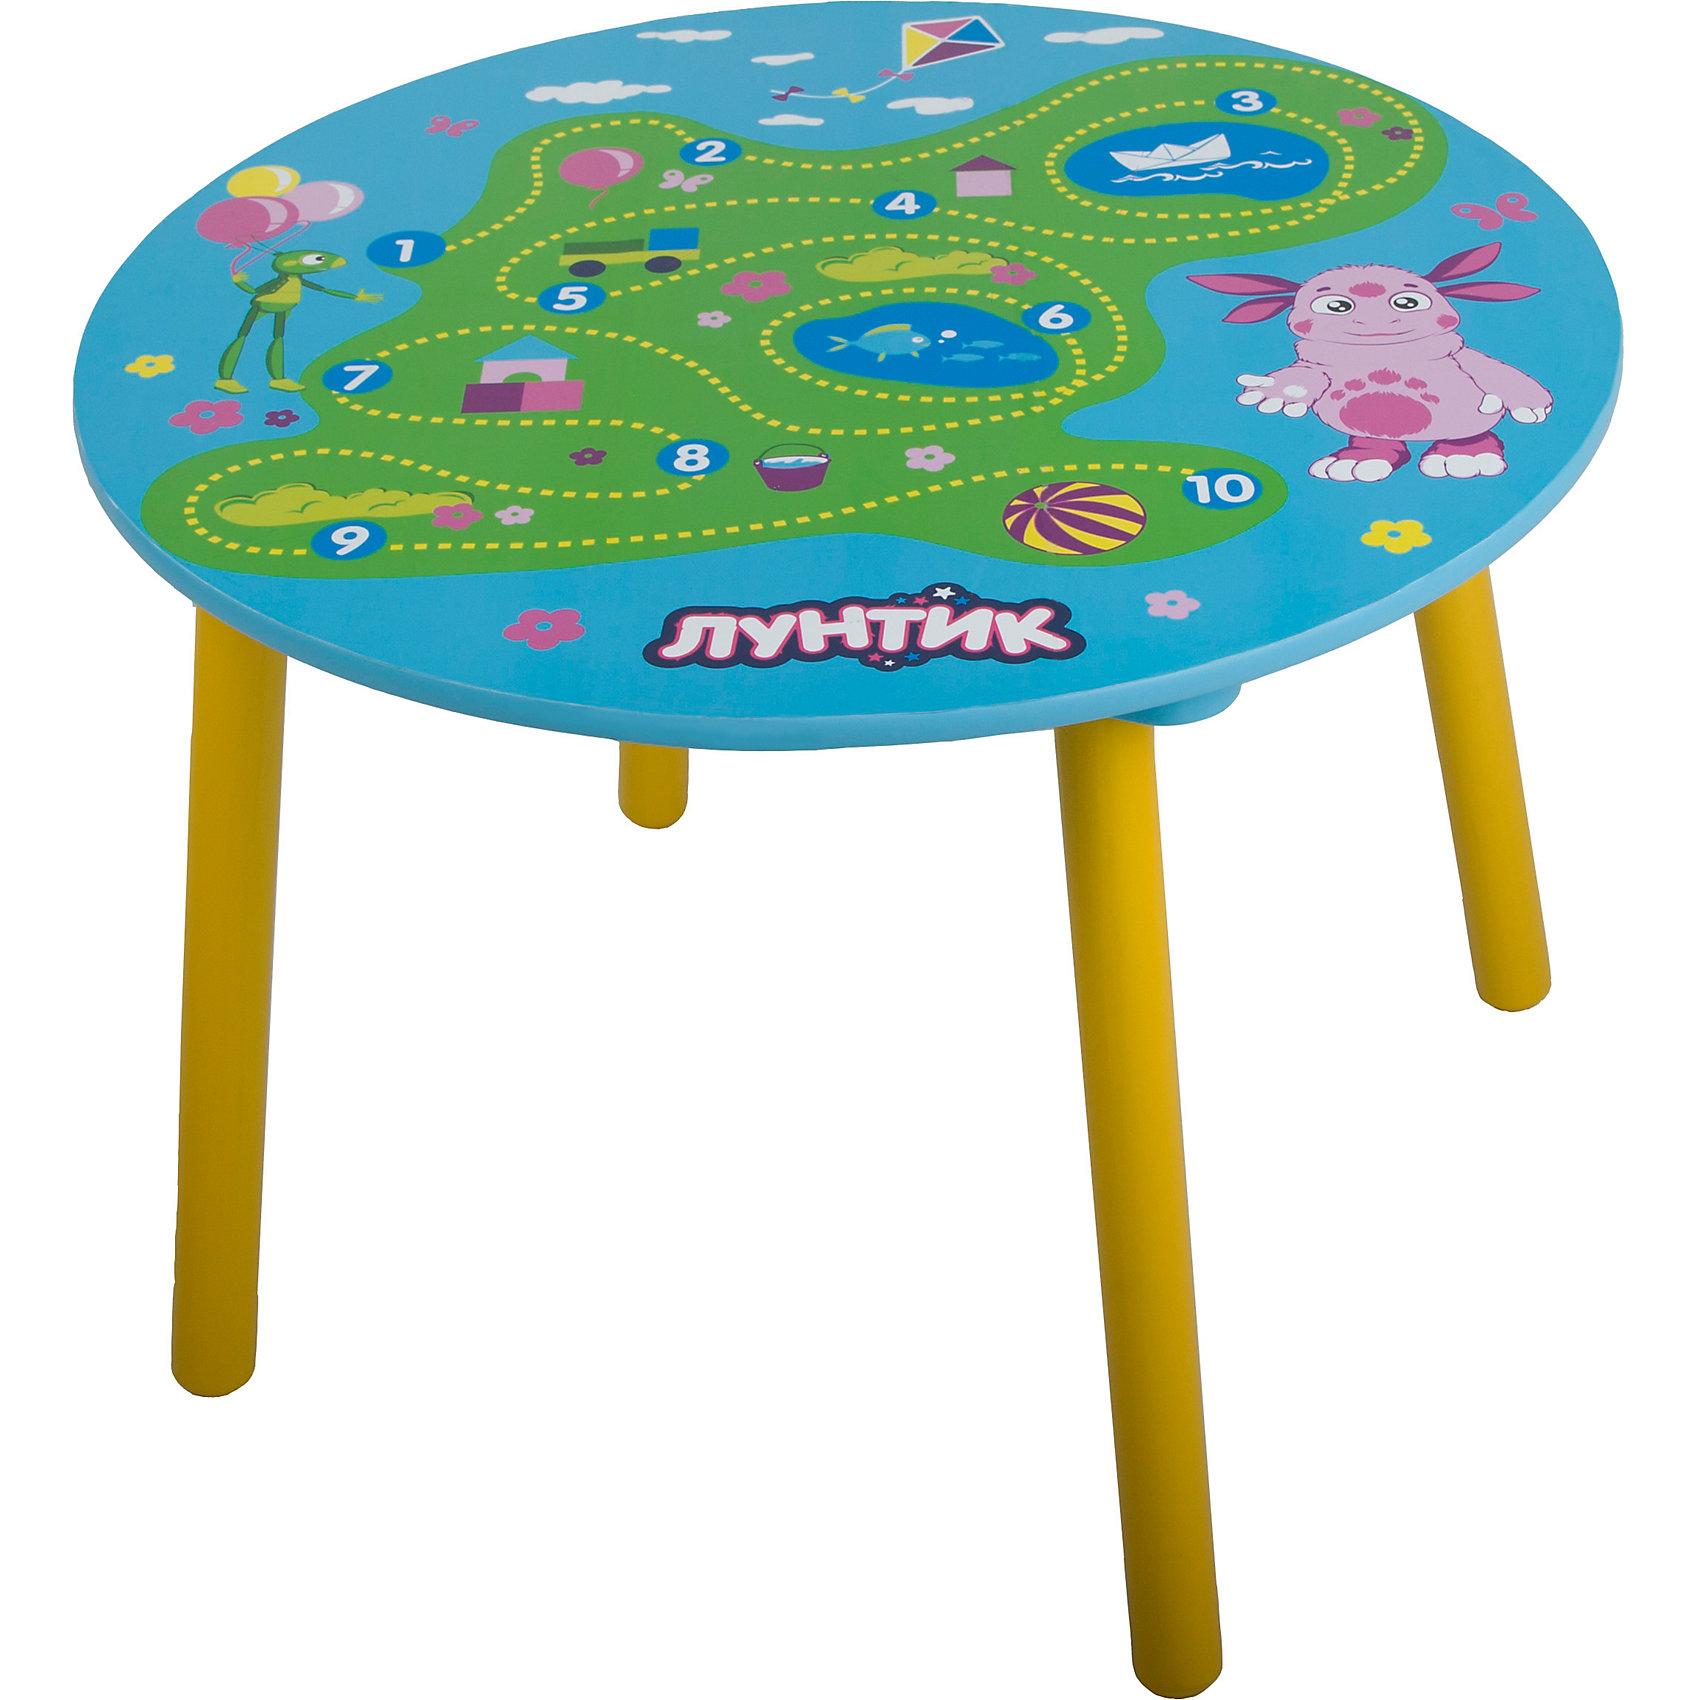 Круглый стол 60*60*44 см, Лунтик и его друзьяКруглый стол, Лунтик и его друзья - удобный устойчивый стол для малышей и дошкольников. Он одинаково хорошо подойдет и для учебных занятий, и для рисования, и для творчества и настольных игр. Стол, выполненный из экологического материала - дерева, оформлен по мотивам популярного мультсериала Лунтик. На поверхности столешницы расположена красочная игровая панель с игрой-бродилкой и цифрами от 1 до 10. Предназначен для детей 1-3 лет.<br><br>Дополнительная информация:<br><br>- Материал: дерево.<br>- Размер: 60 х 60 х 44 см.<br>- Размер упаковки: 65 х 65 х 6 см.<br>- Вес: 4,5 кг.<br><br>Круглый стол, Лунтик и его друзья, можно купить в нашем интернет-магазине.<br><br>Ширина мм: 650<br>Глубина мм: 650<br>Высота мм: 60<br>Вес г: 4500<br>Возраст от месяцев: 24<br>Возраст до месяцев: 72<br>Пол: Унисекс<br>Возраст: Детский<br>SKU: 3974557